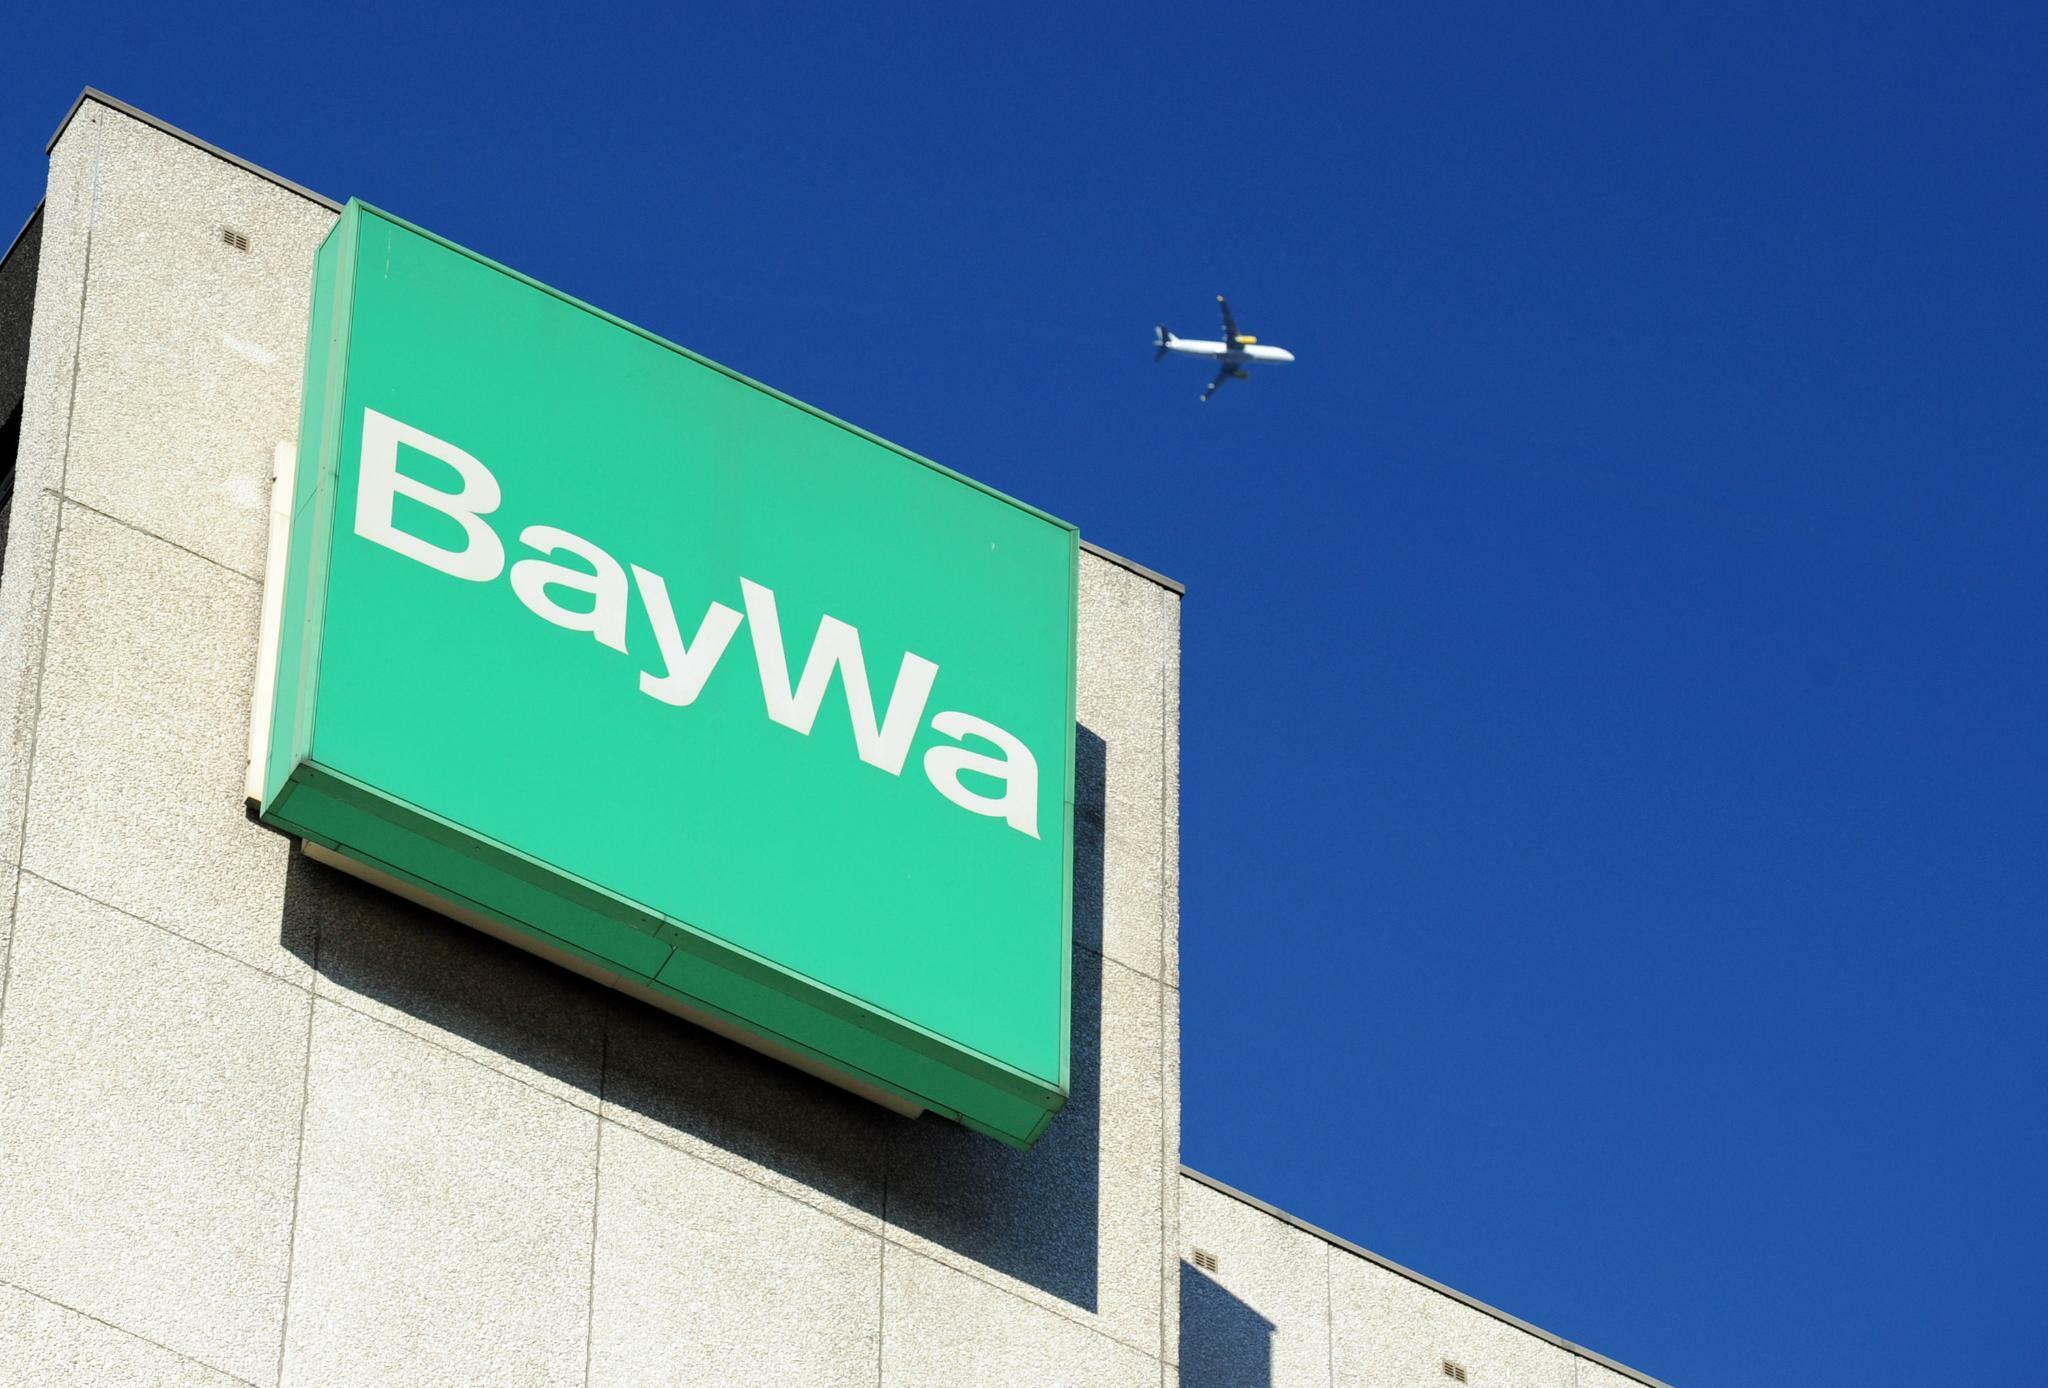 Einigung: BayWa zahlt Bundeskartellamt Bußgeld von knapp 70 Millionen Euro